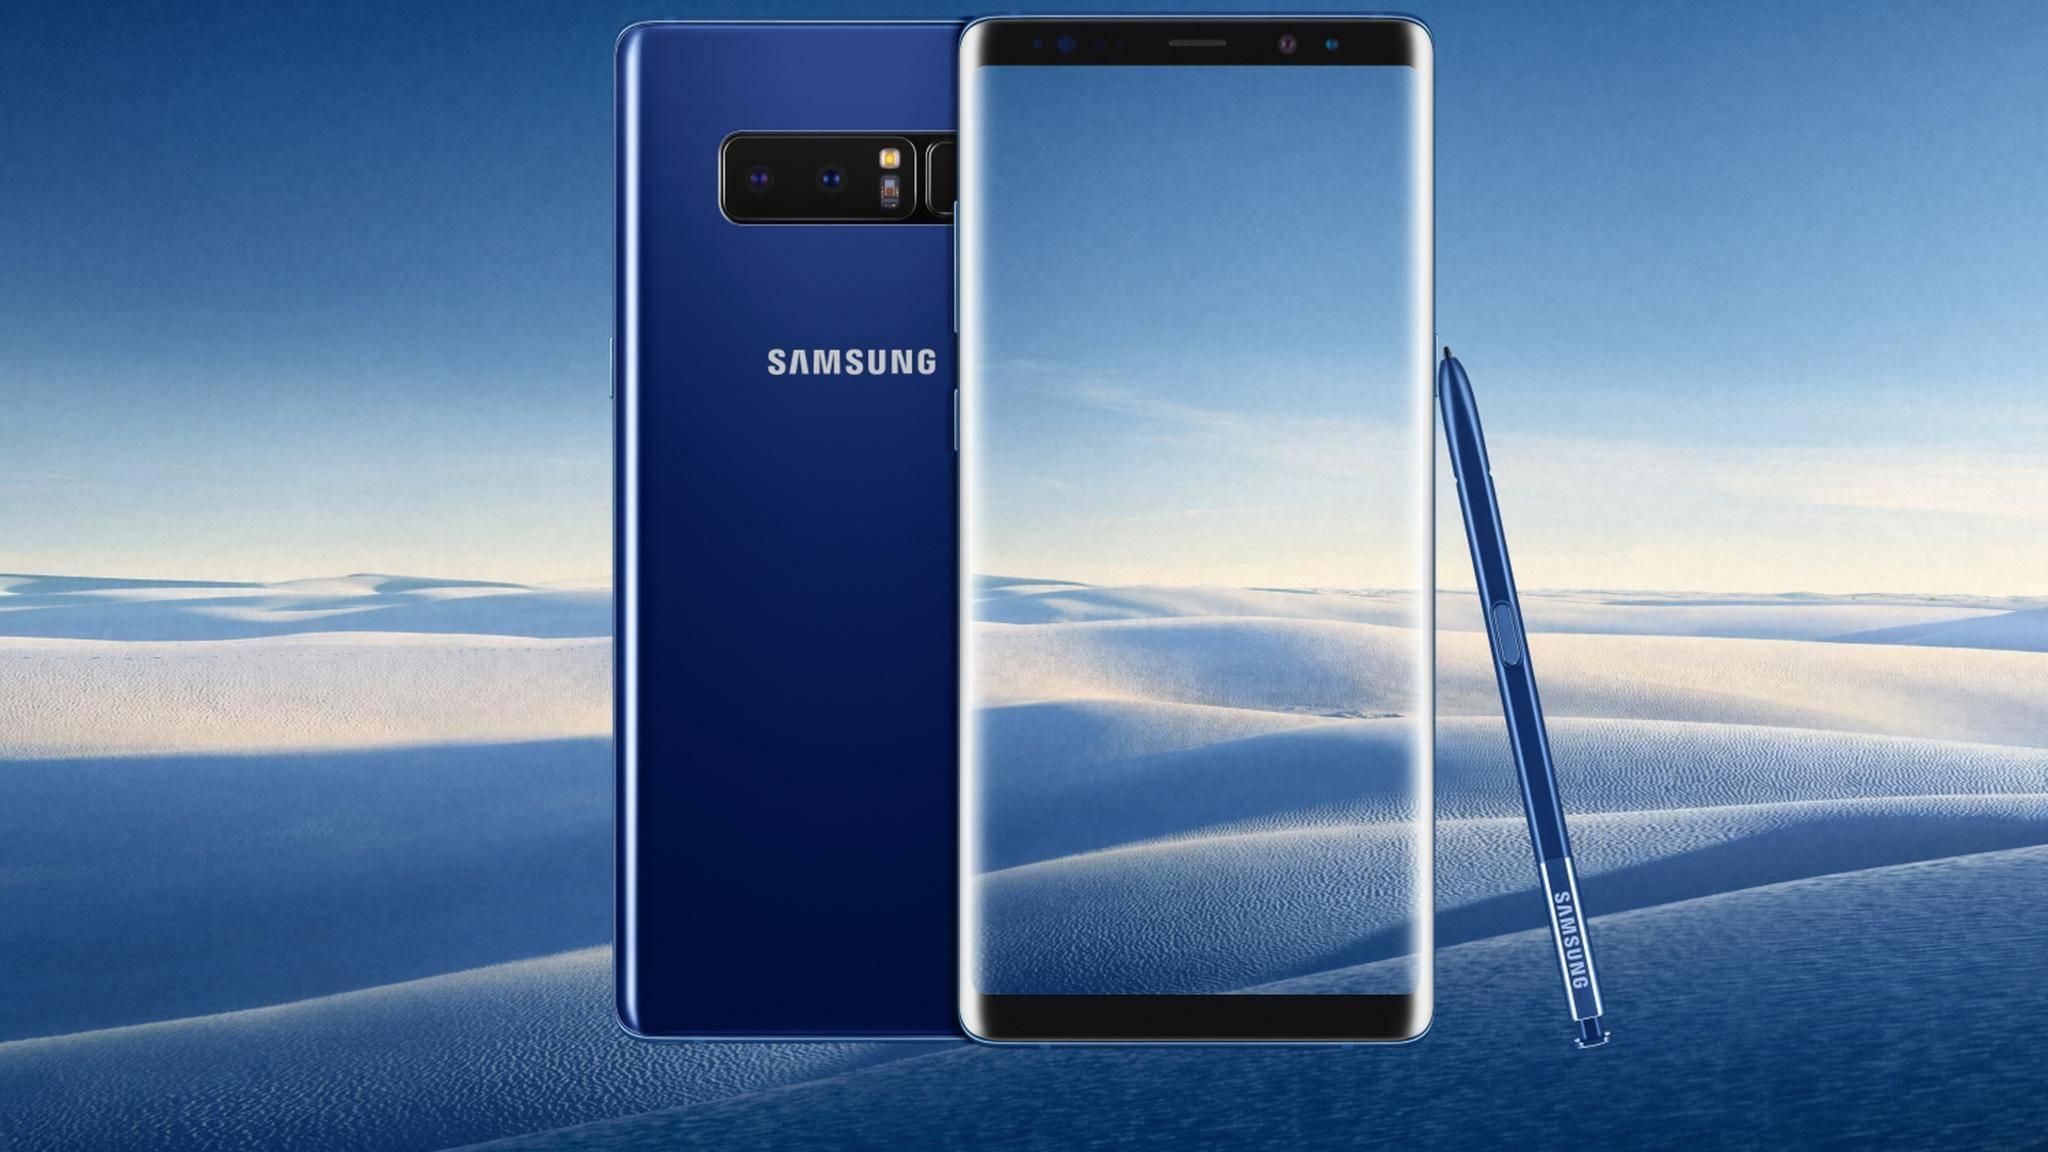 Das Galaxy Note 8 gibt es nun auch in Meeresblau zu kaufen.